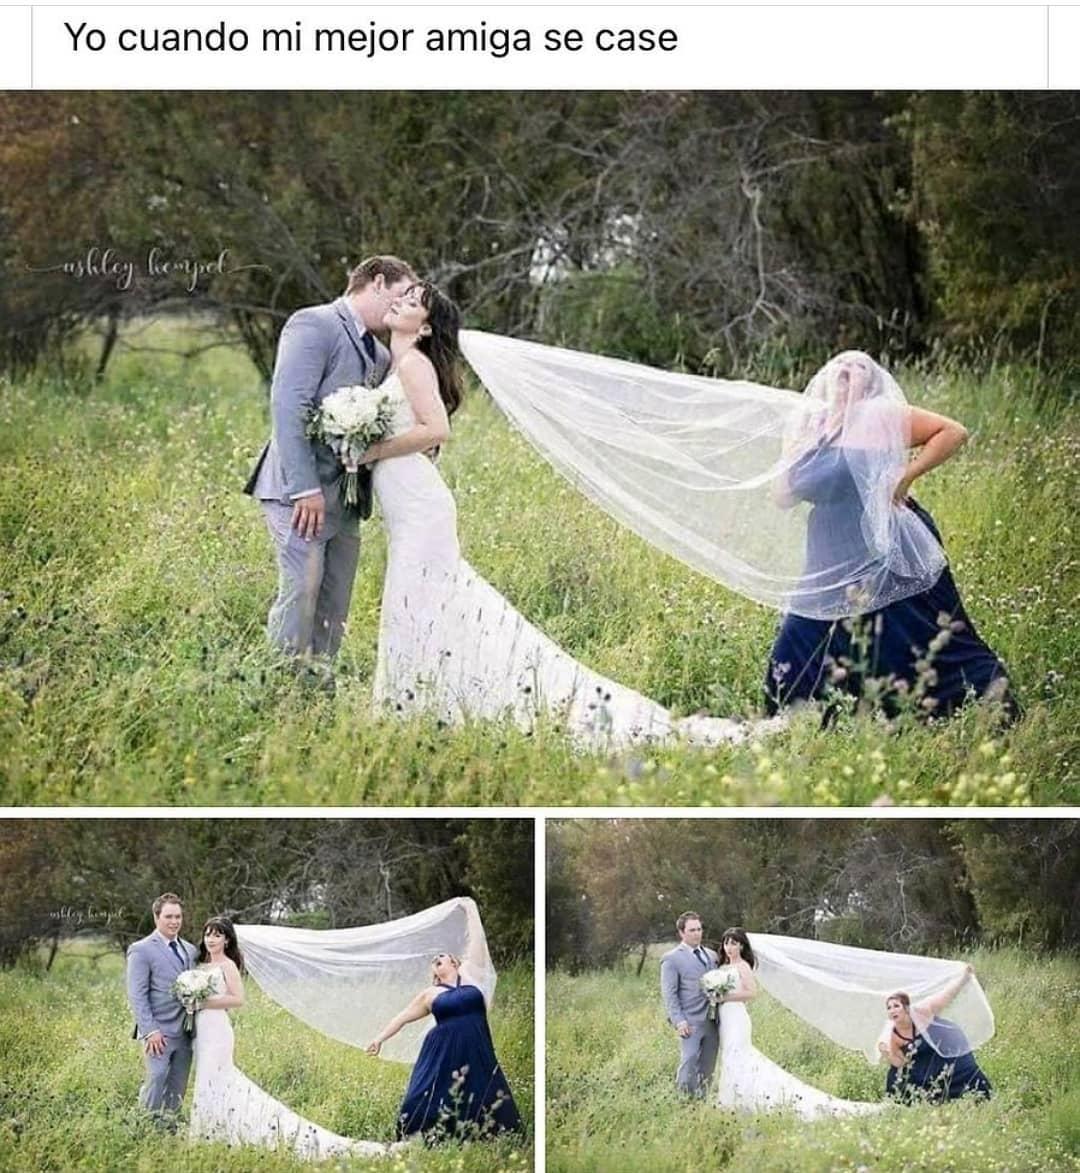 Yo cuando mi mejor amiga se case.